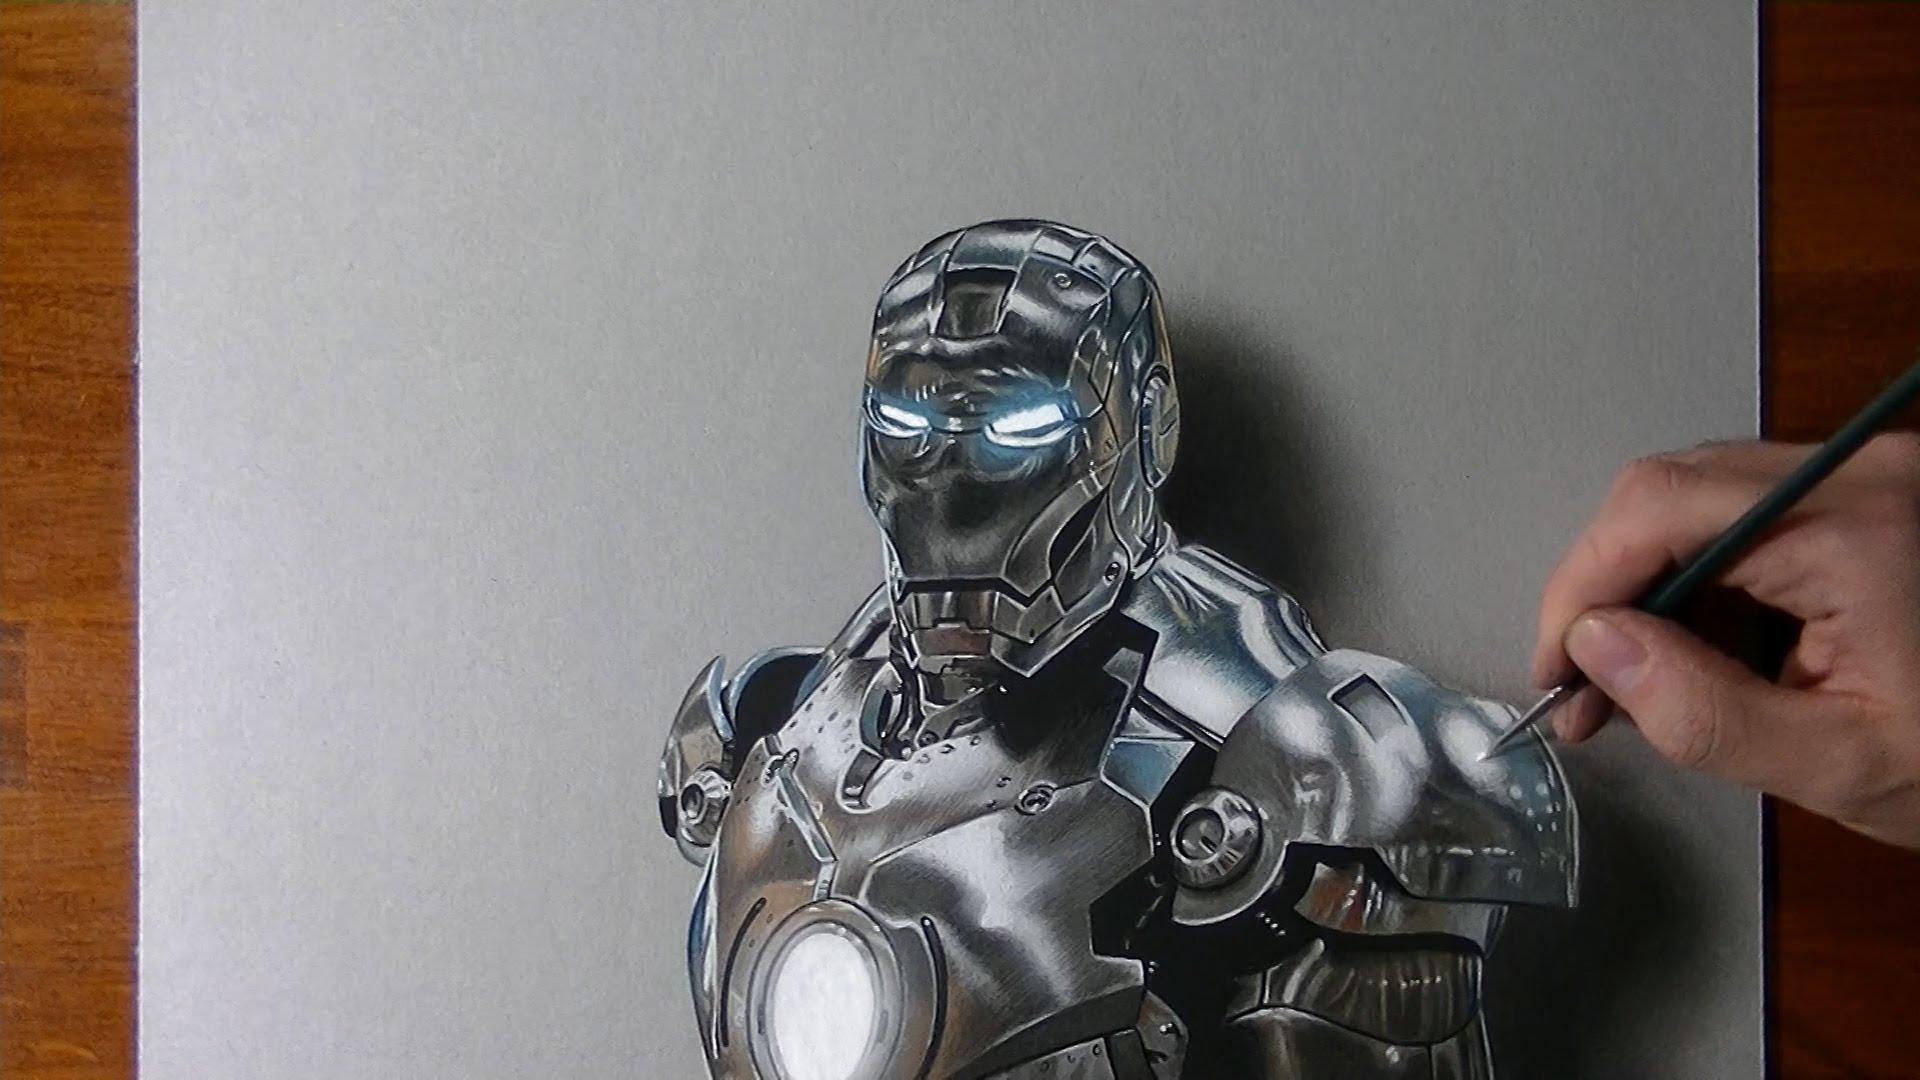 リアルすぎるアイアンマン。実はこれ絵なんです